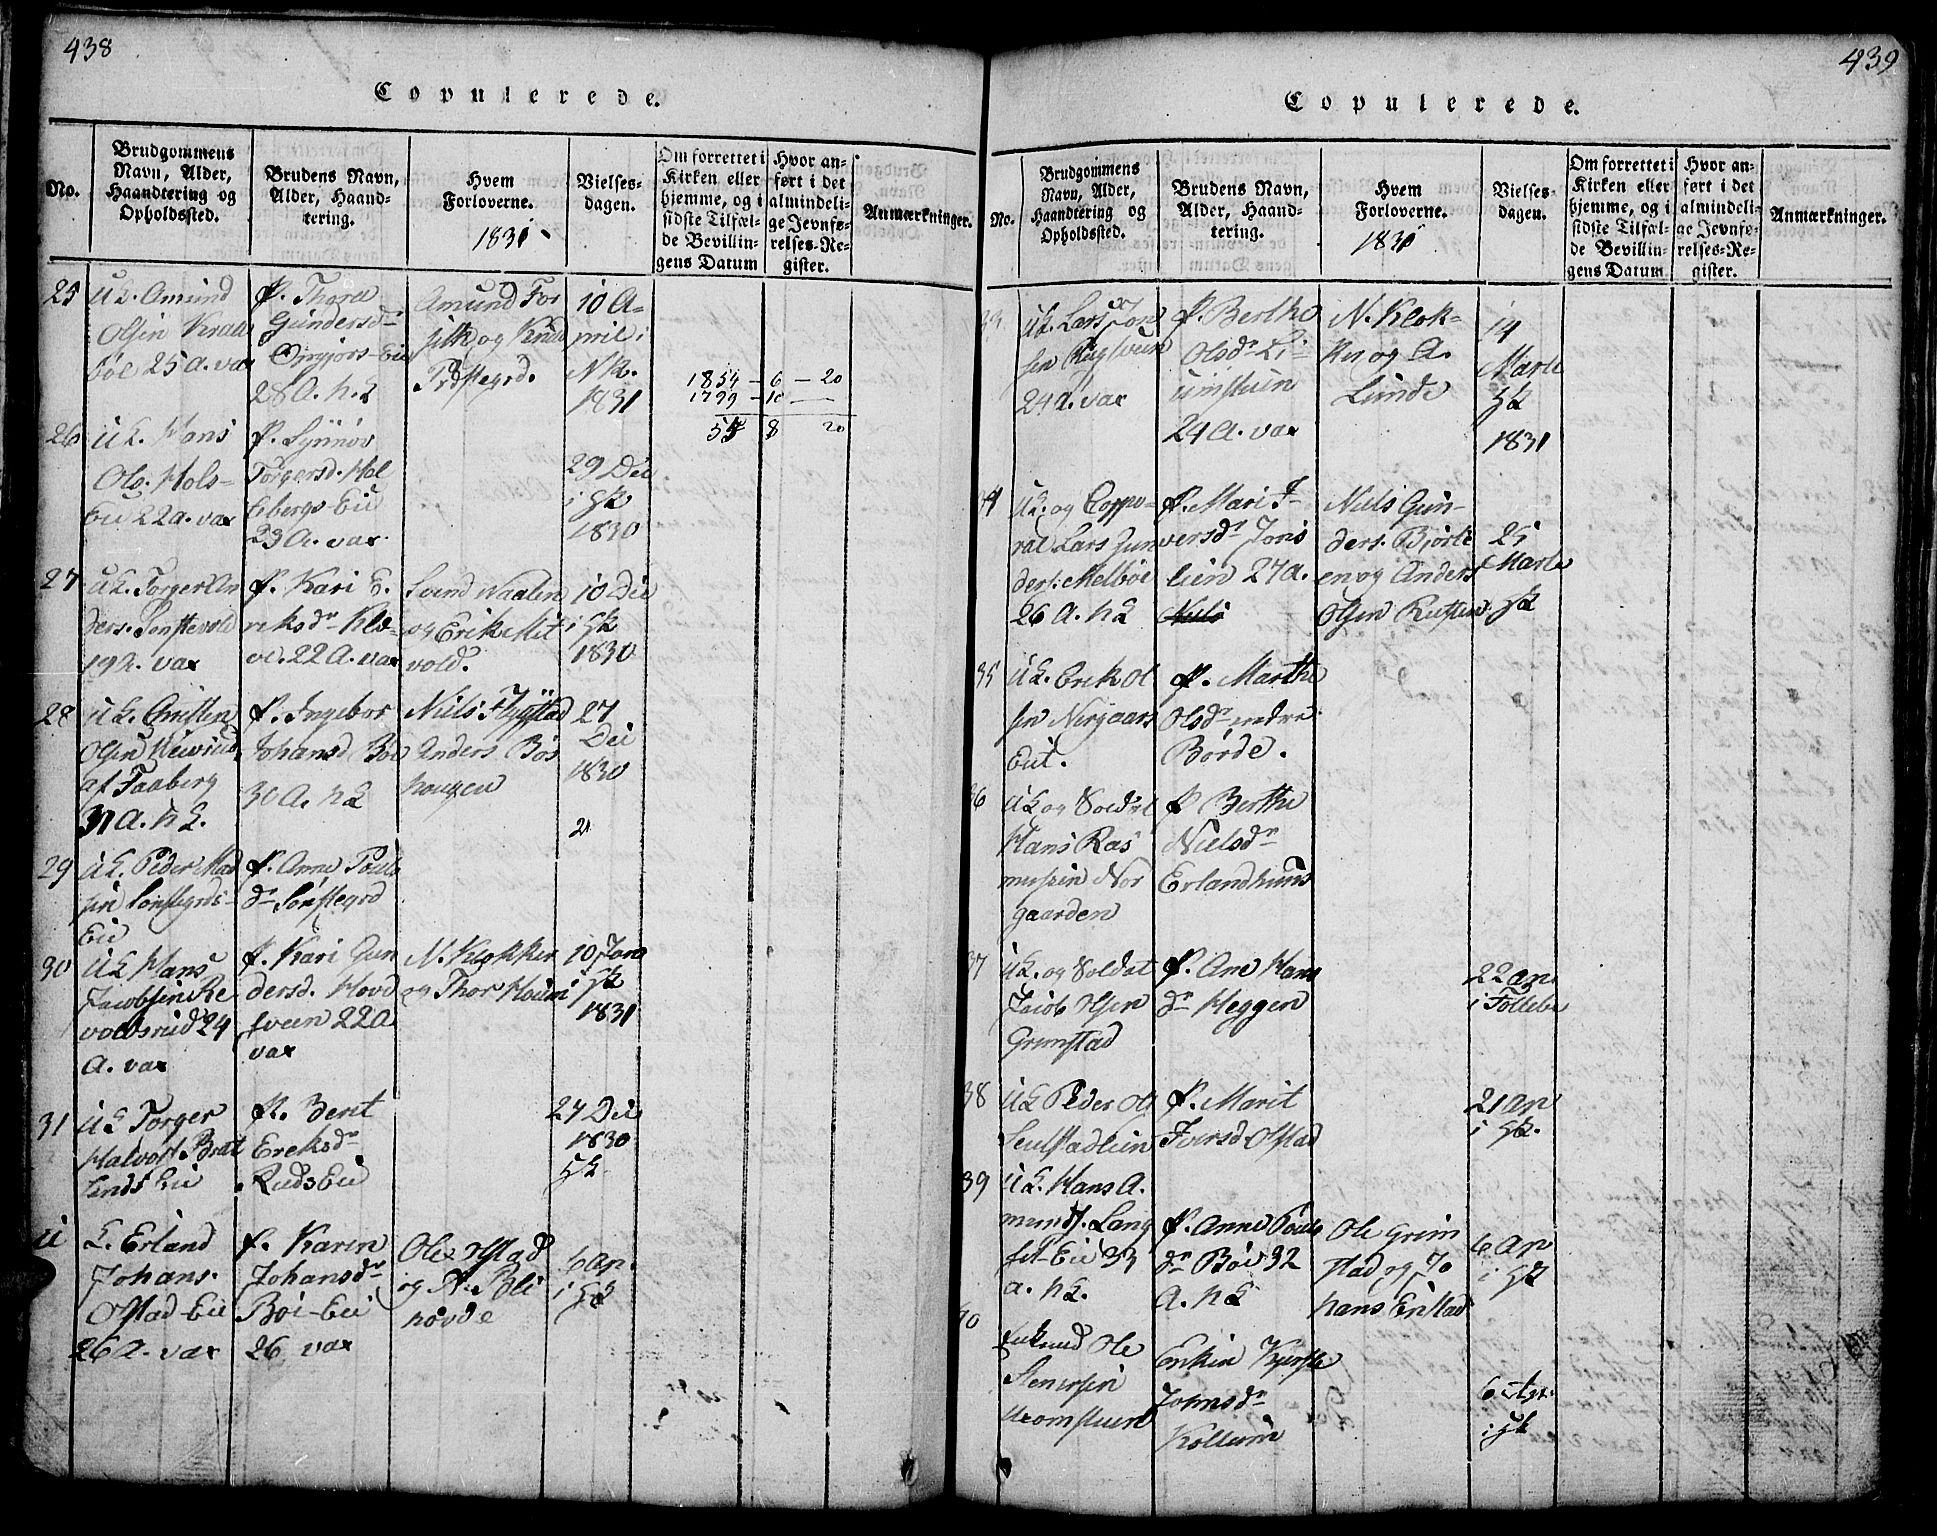 SAH, Gausdal prestekontor, Klokkerbok nr. 1, 1817-1848, s. 438-439